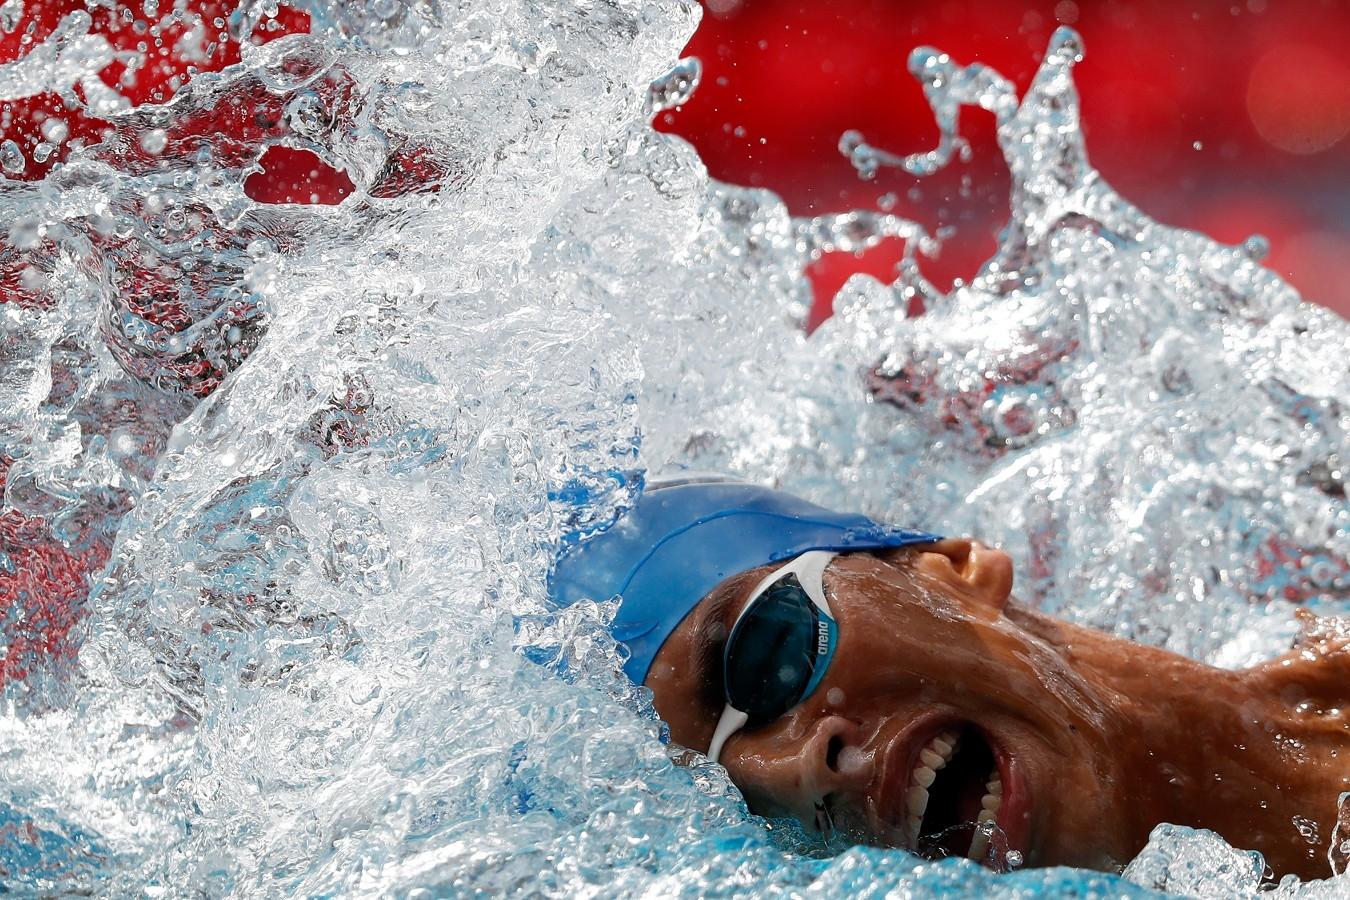 Guilherme Costa. Troféu Brasil de Natacao no Parque Aquatico Maria Lenk. 17 de Abril de 2018. Rio de Janeiro, RJ, Brasil. Foto: Satiro Sodré/SSPress/CBDA